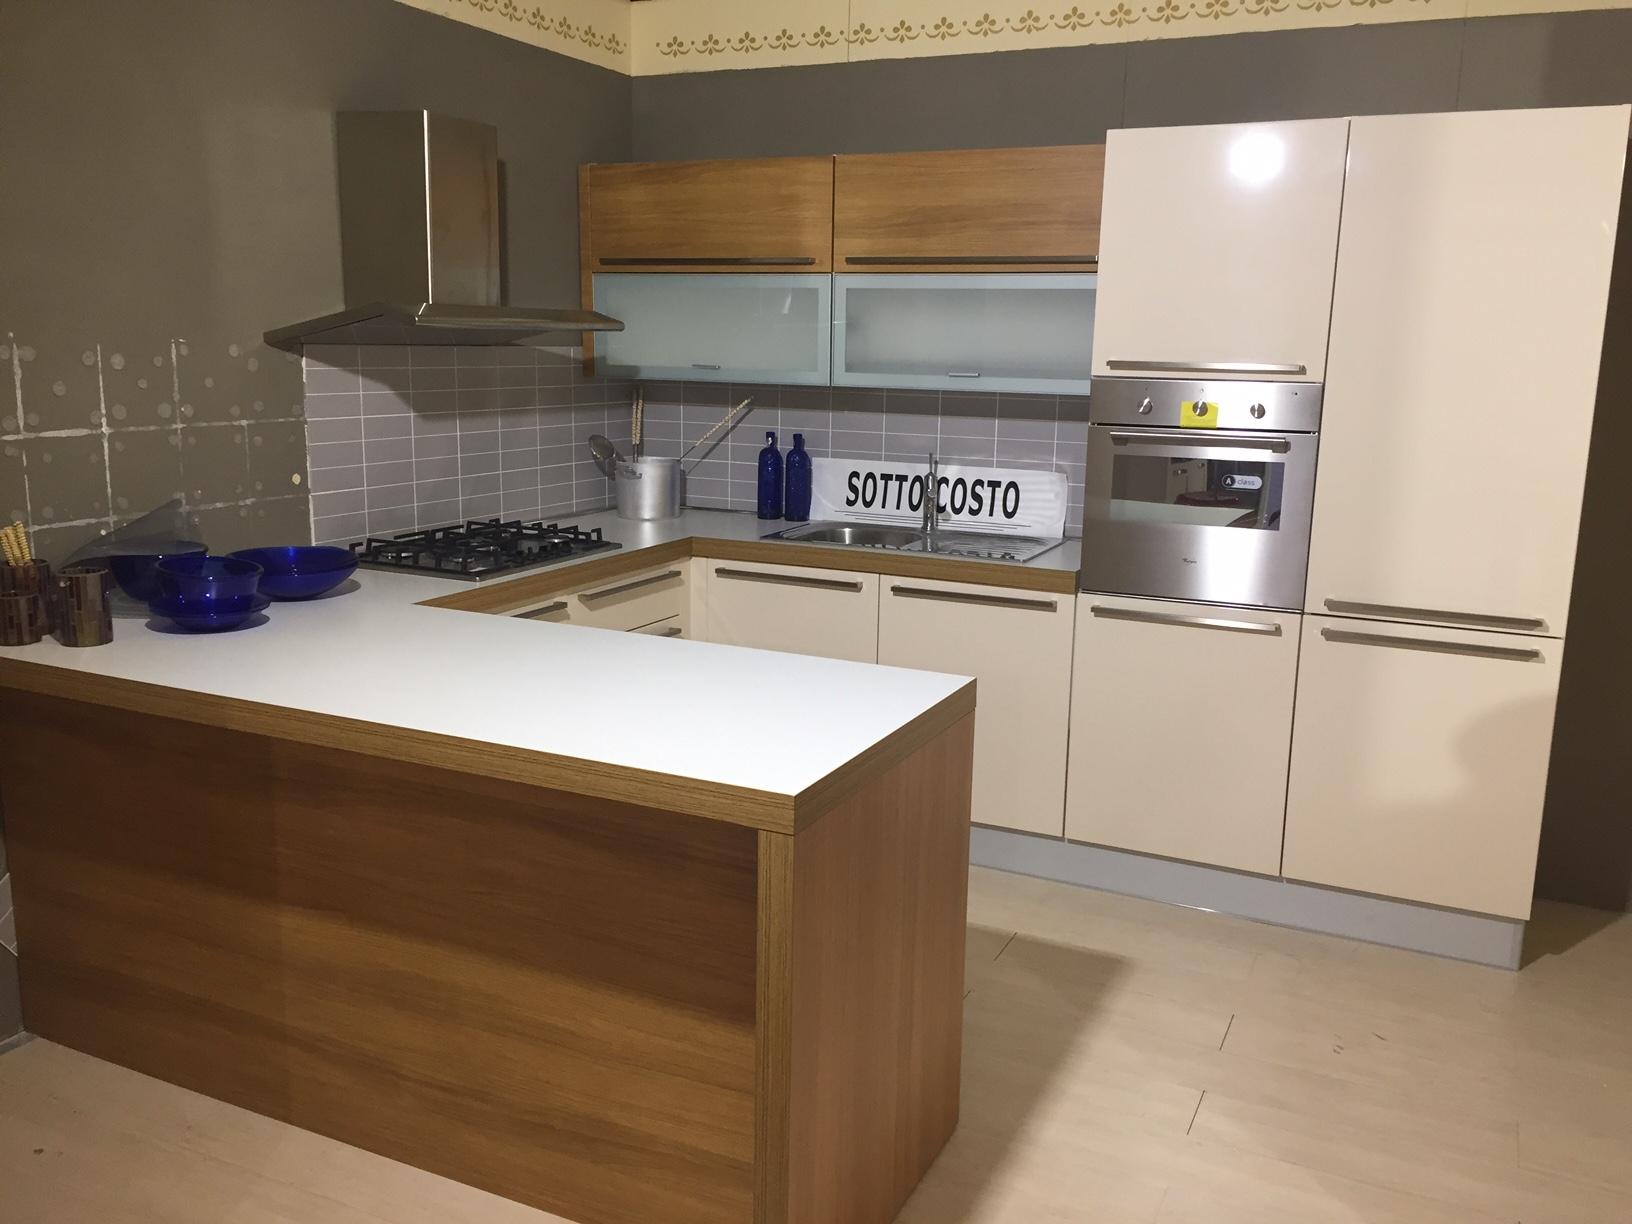 Popolare Cucina con penisola modello Reflex scontato del -71 % - Cucine a  KR64